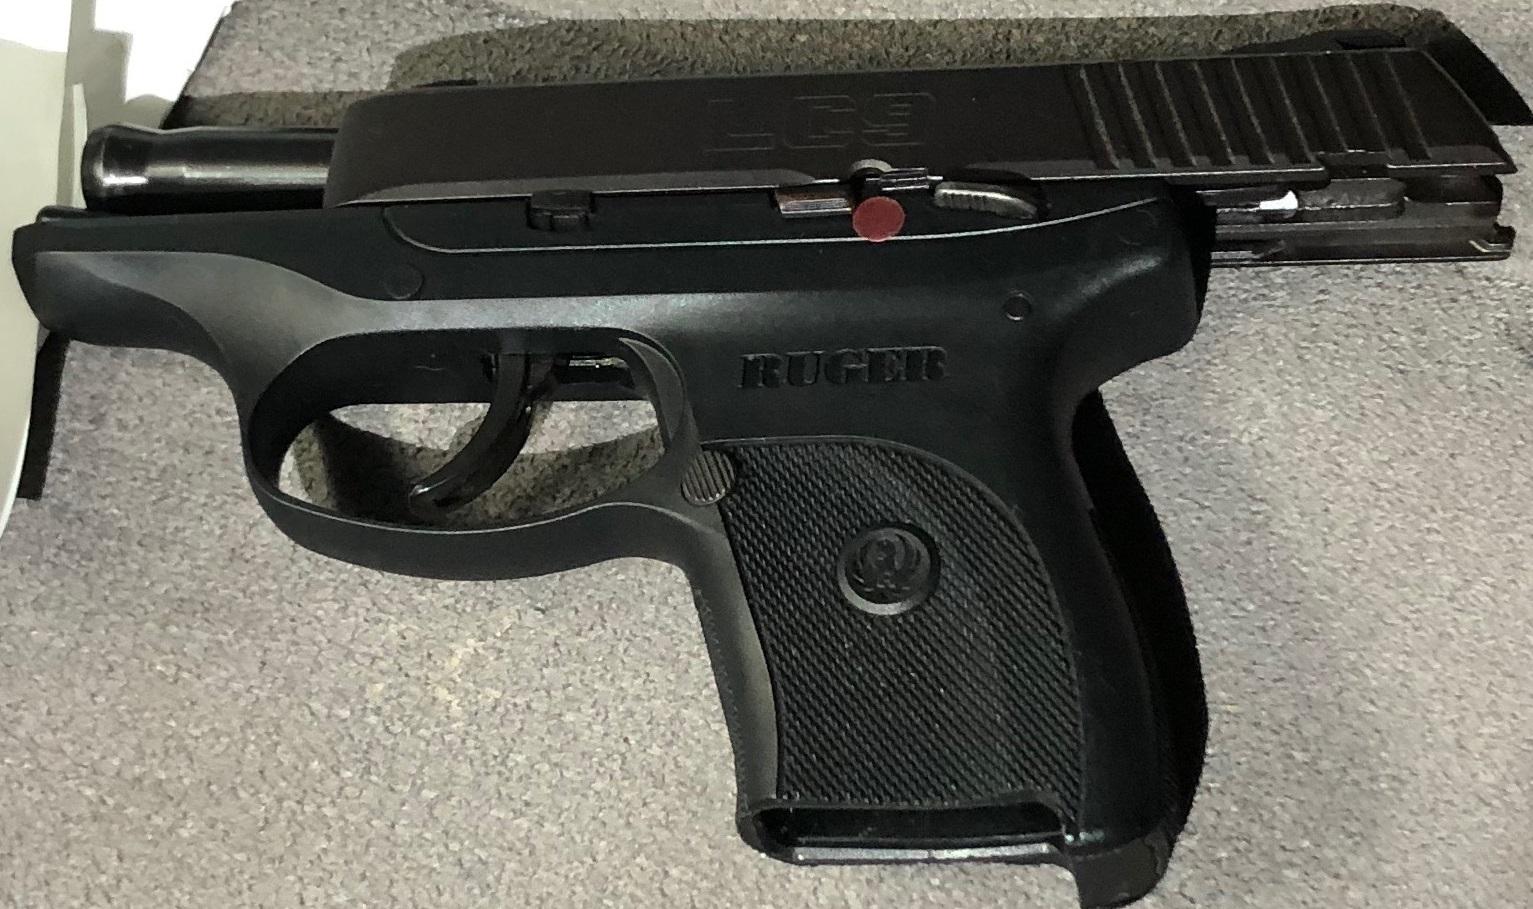 Recovered handgun